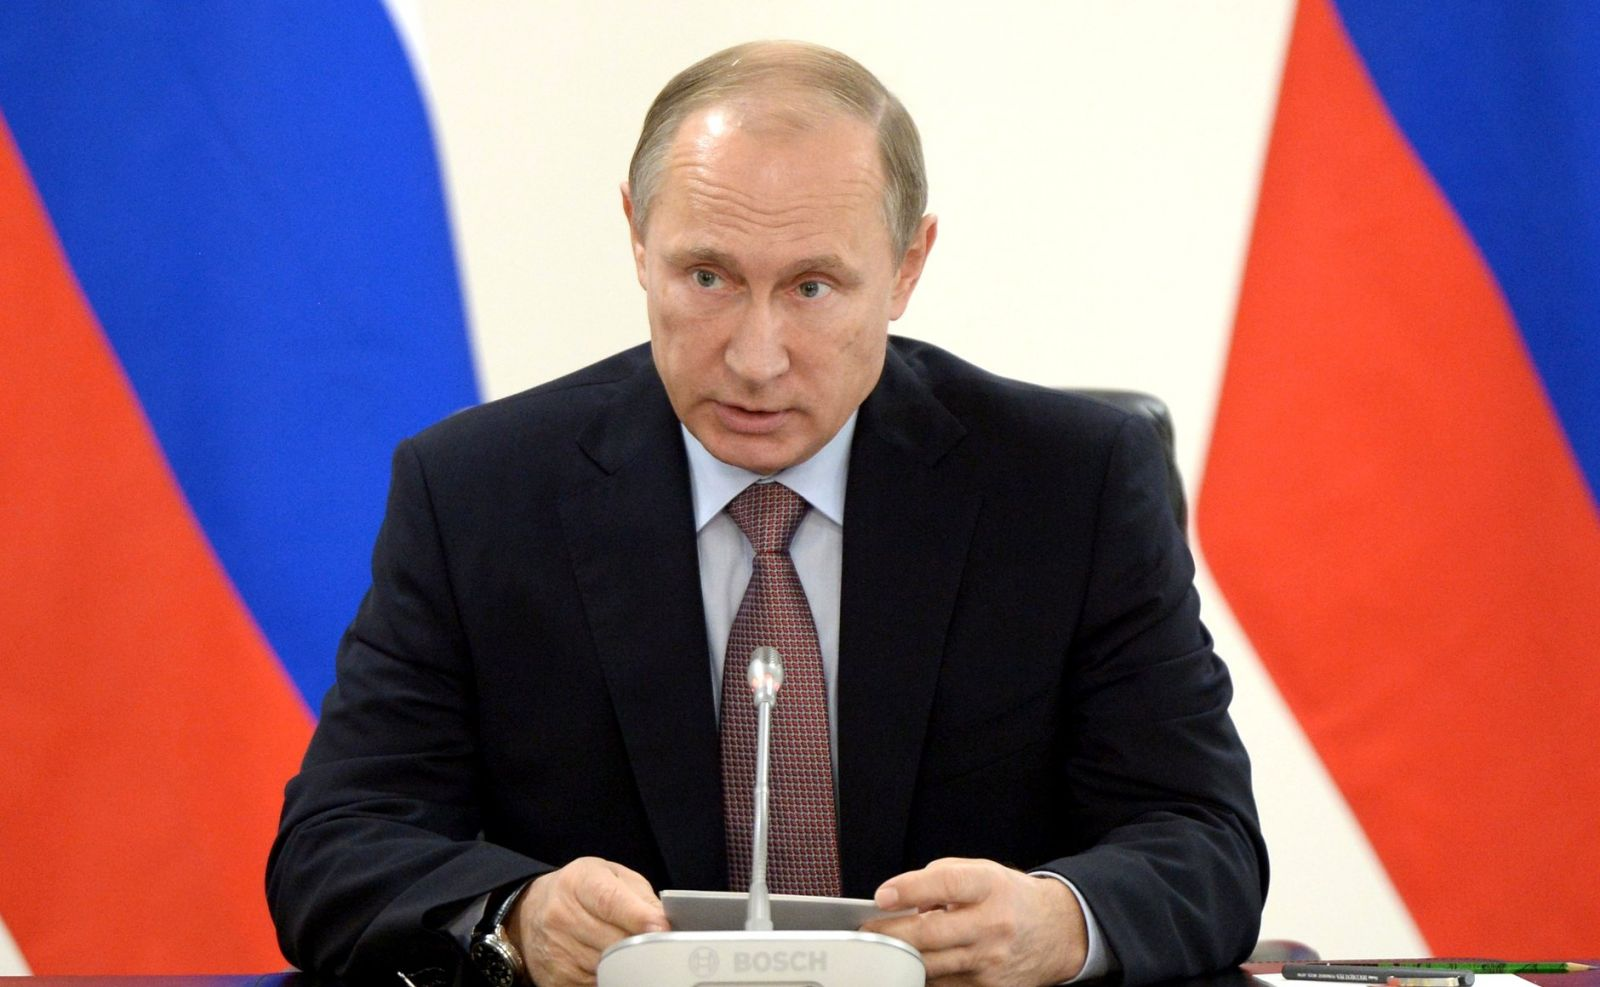 Путин поддерживает ввод на Донбасс вооруженной миссии ОБСЕ